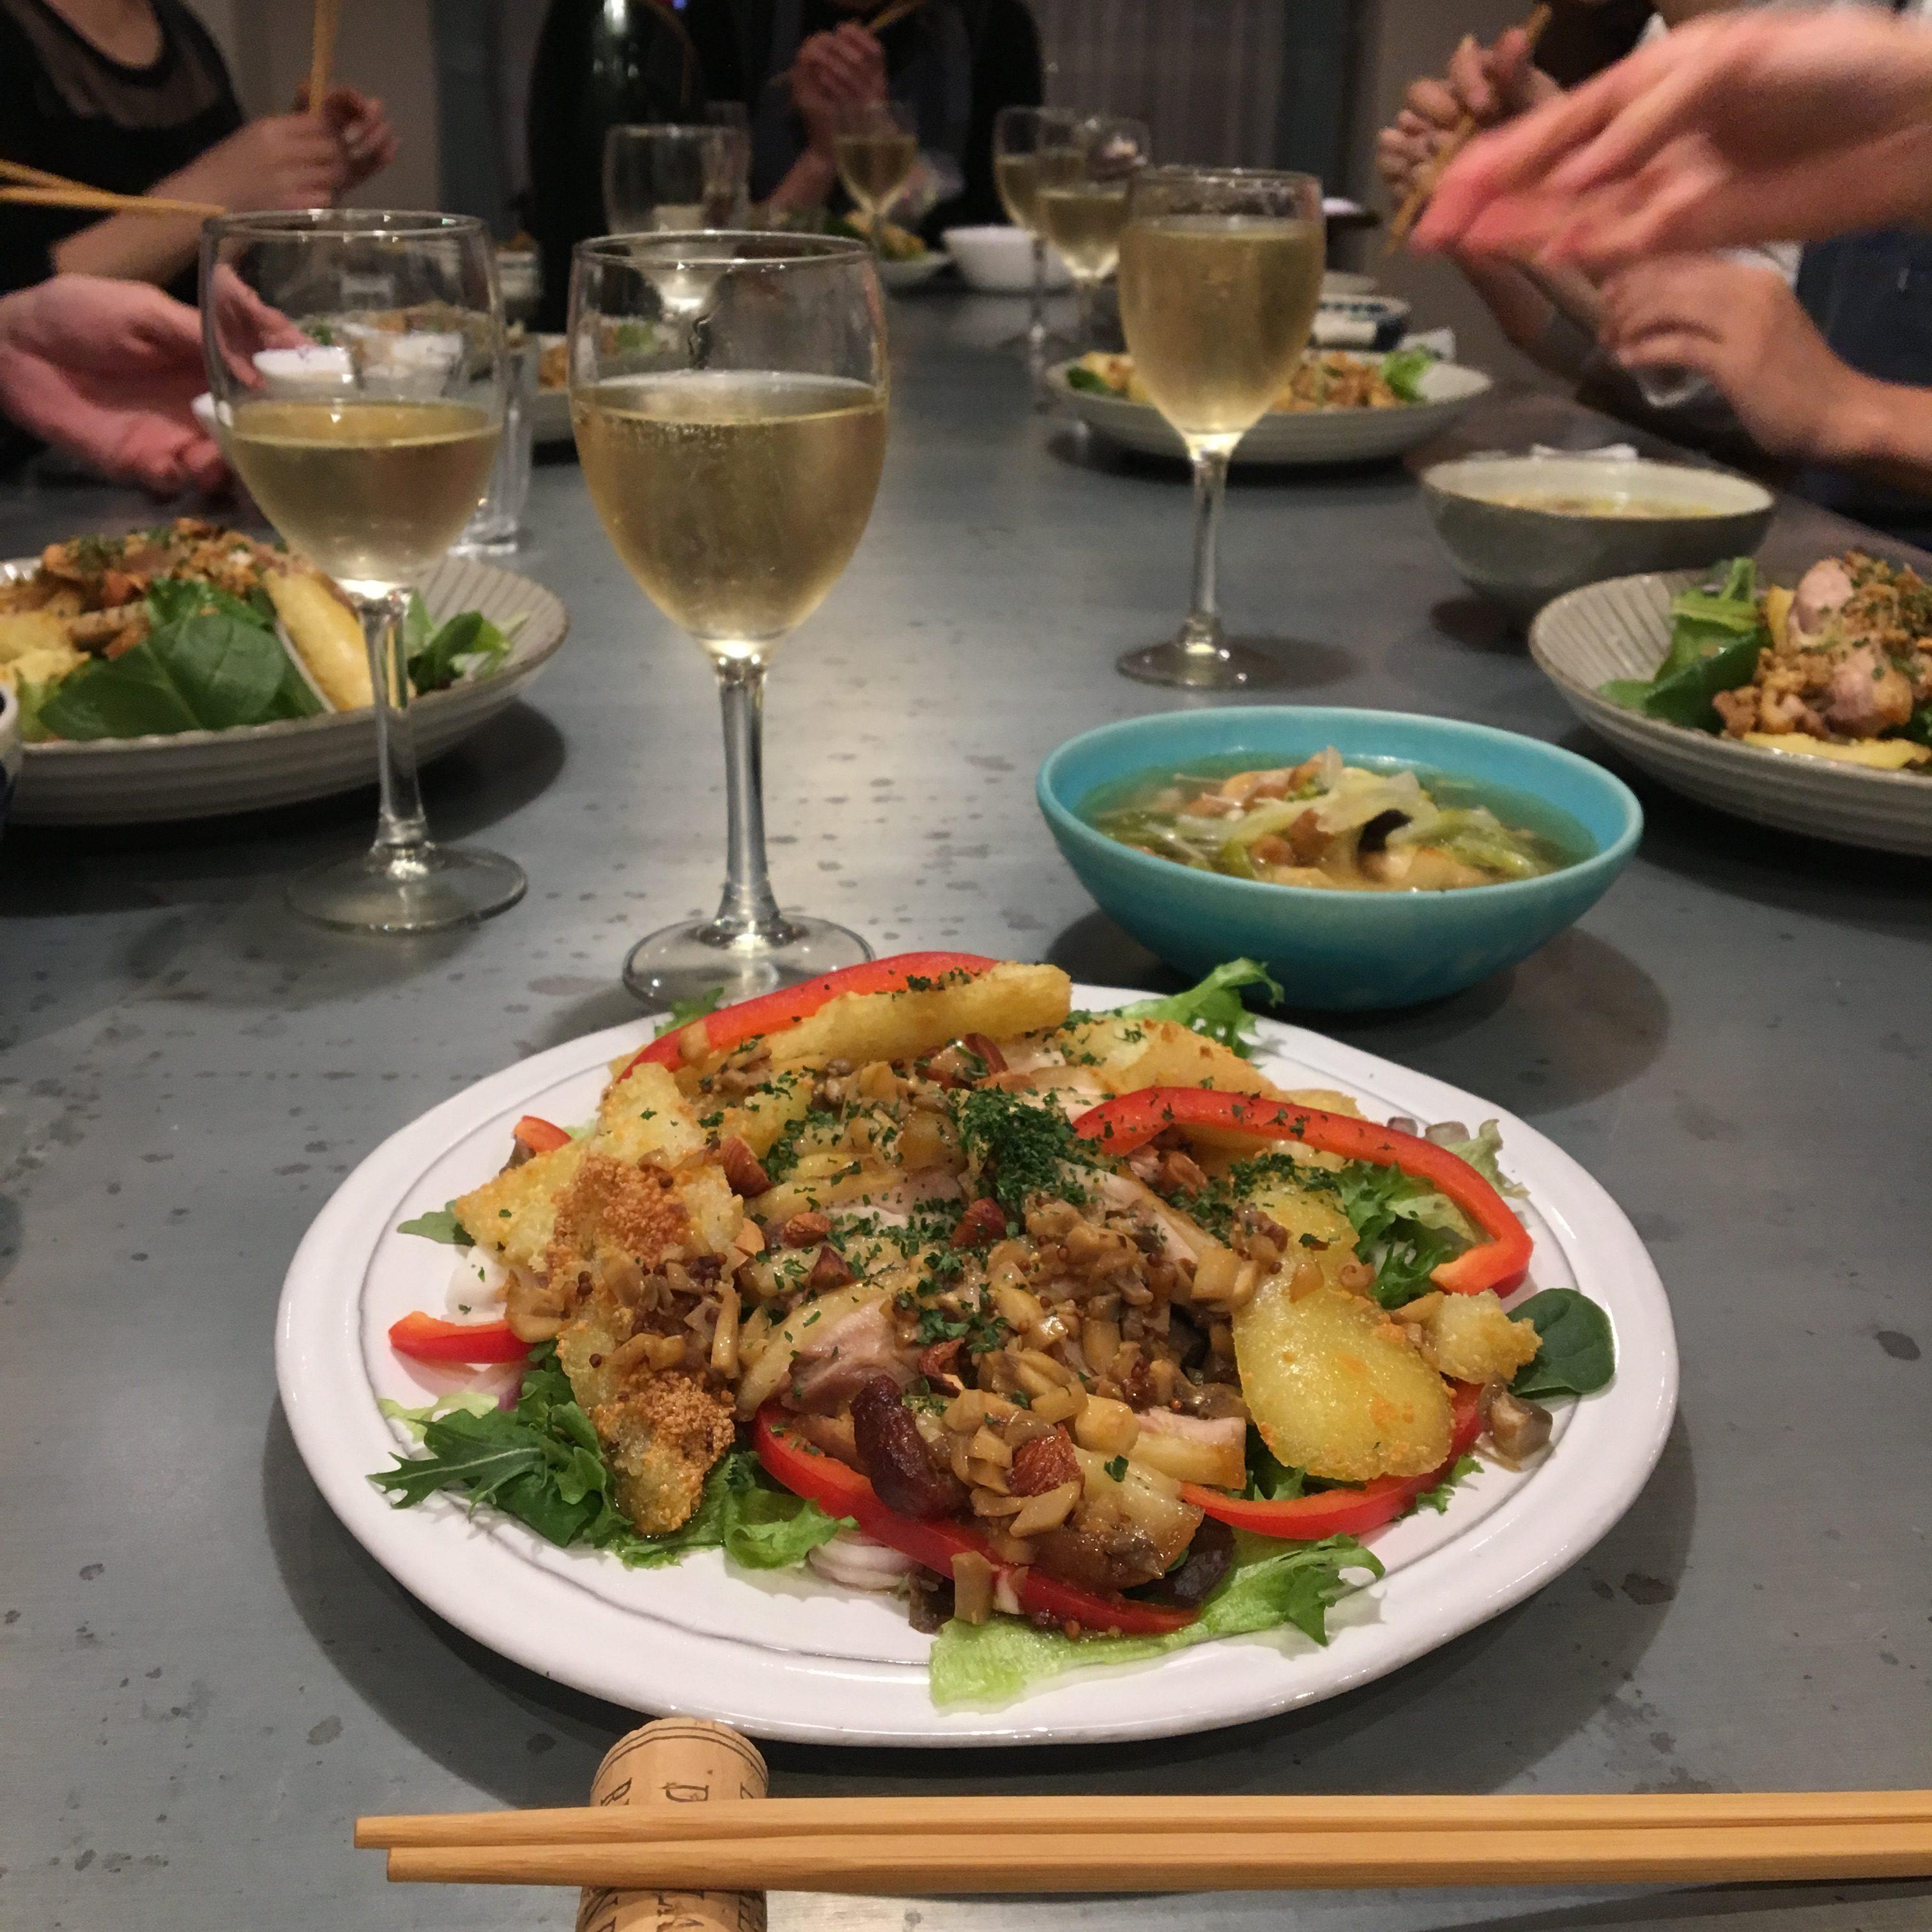 【料理講師】比内地鶏応援企画&秋田アンテナショップでメニュー化「比内地鶏のきりたんぽサラダ」